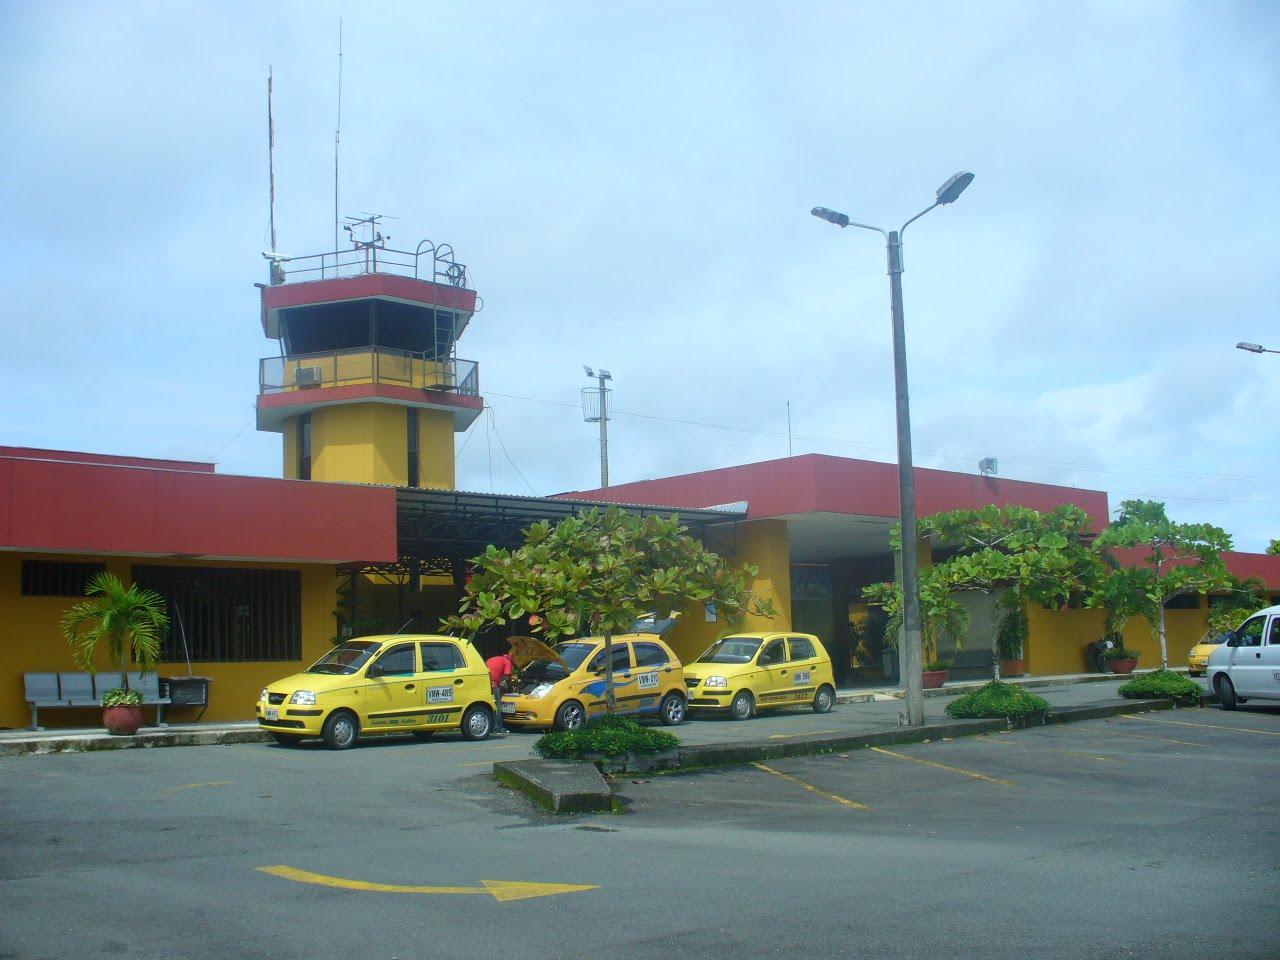 Excedente de la concesión AeroCali se invertirá en aeropuerto de B/ventura